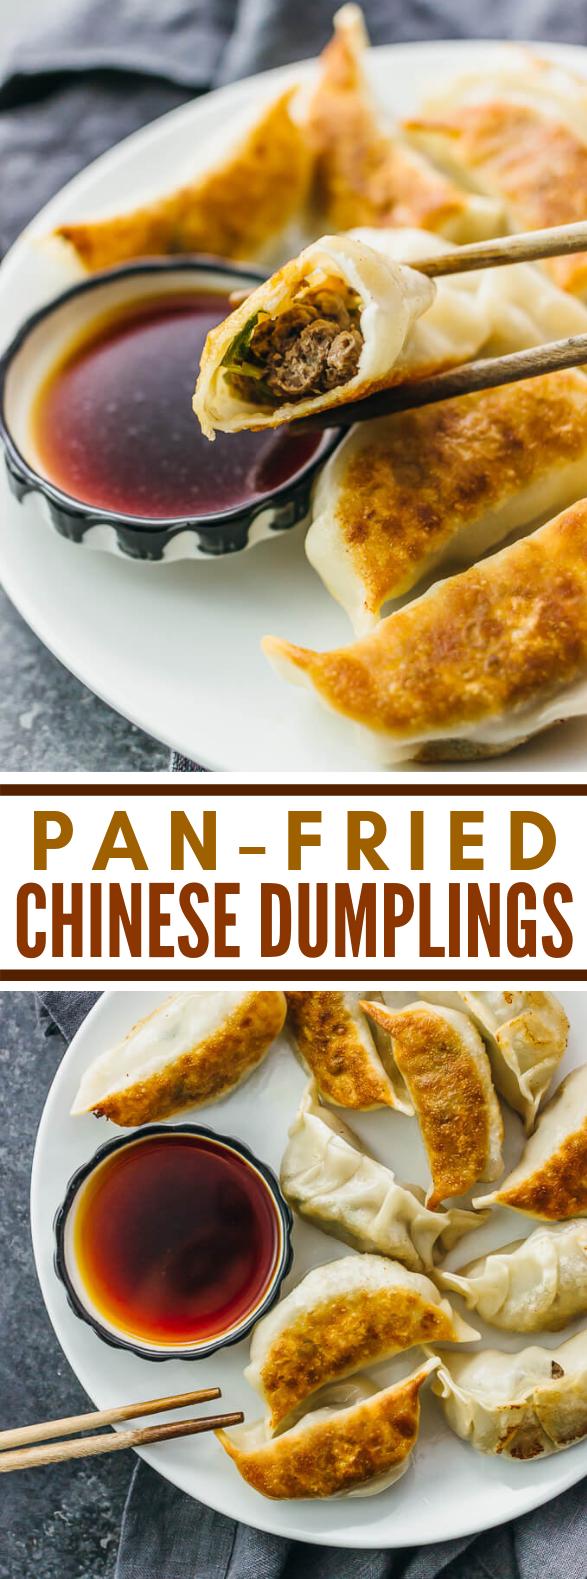 PAN FRIED CHINESE DUMPLINGS RECIPE #dinner #easytocook